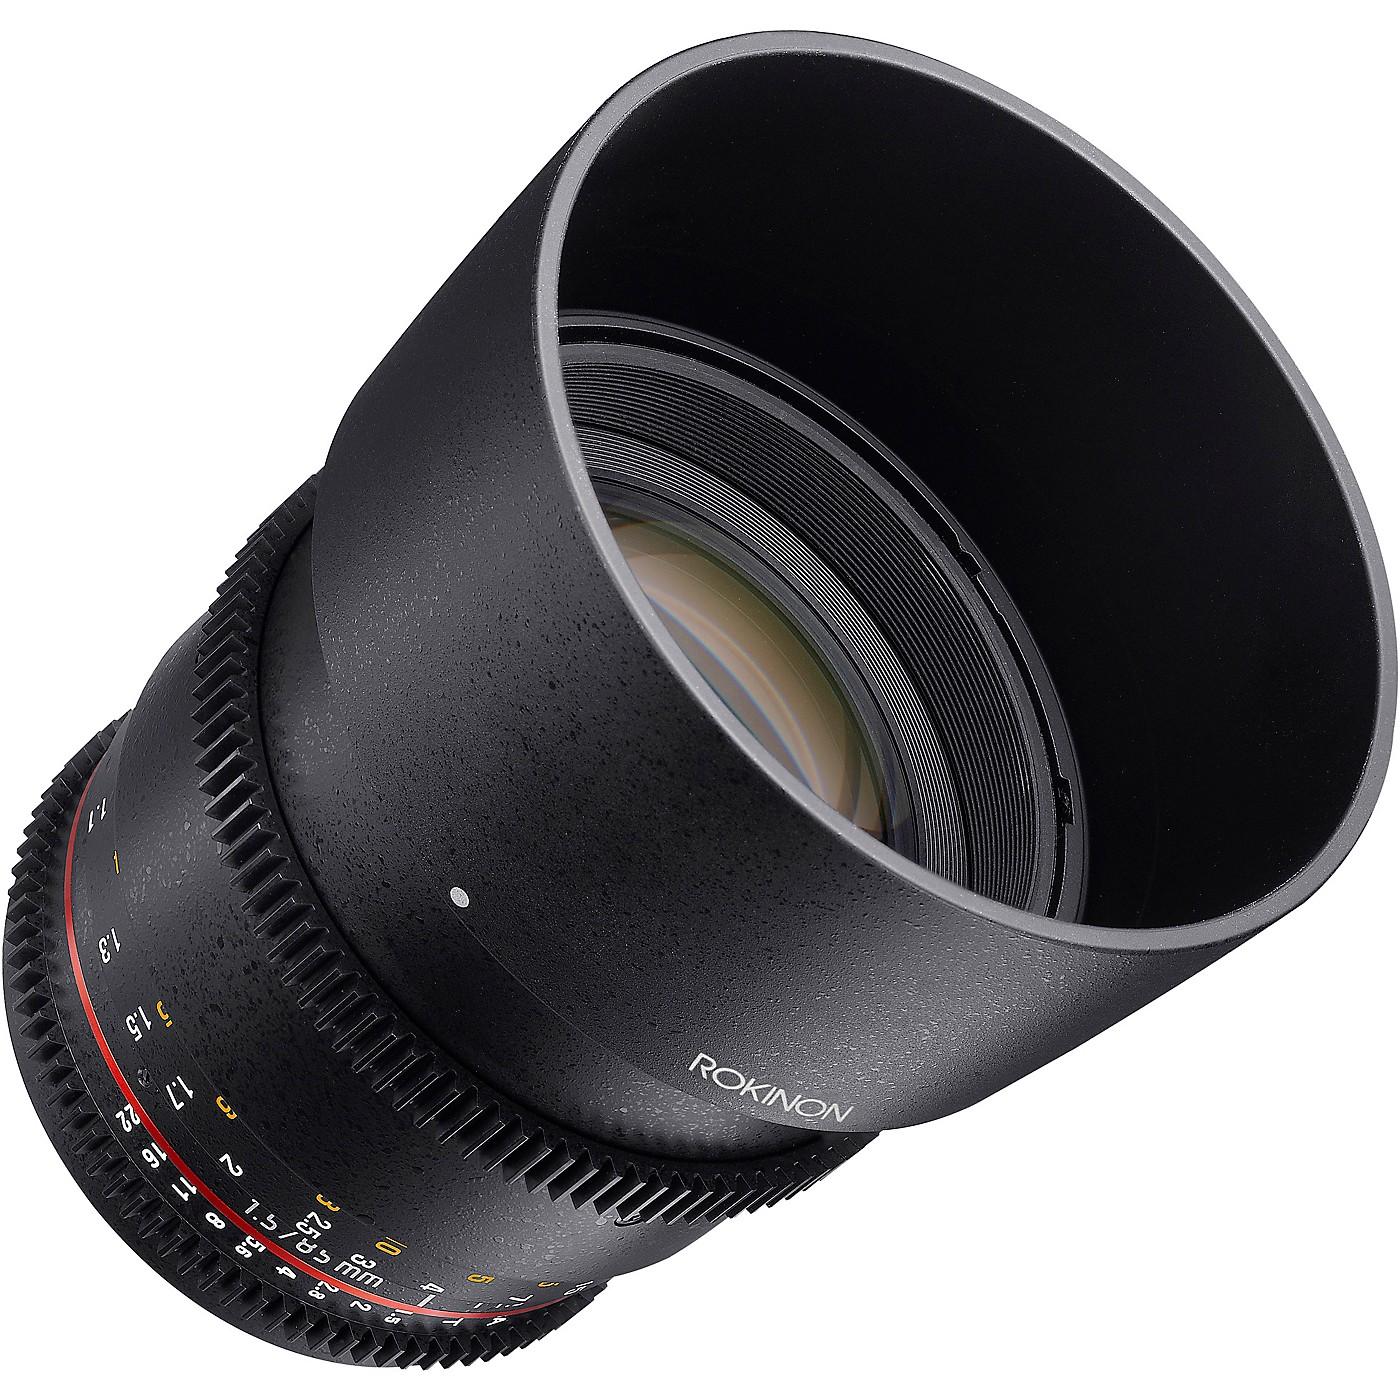 ROKINON Cine DS 85mm T1.5 Cine Lens for Sony E-Mount thumbnail